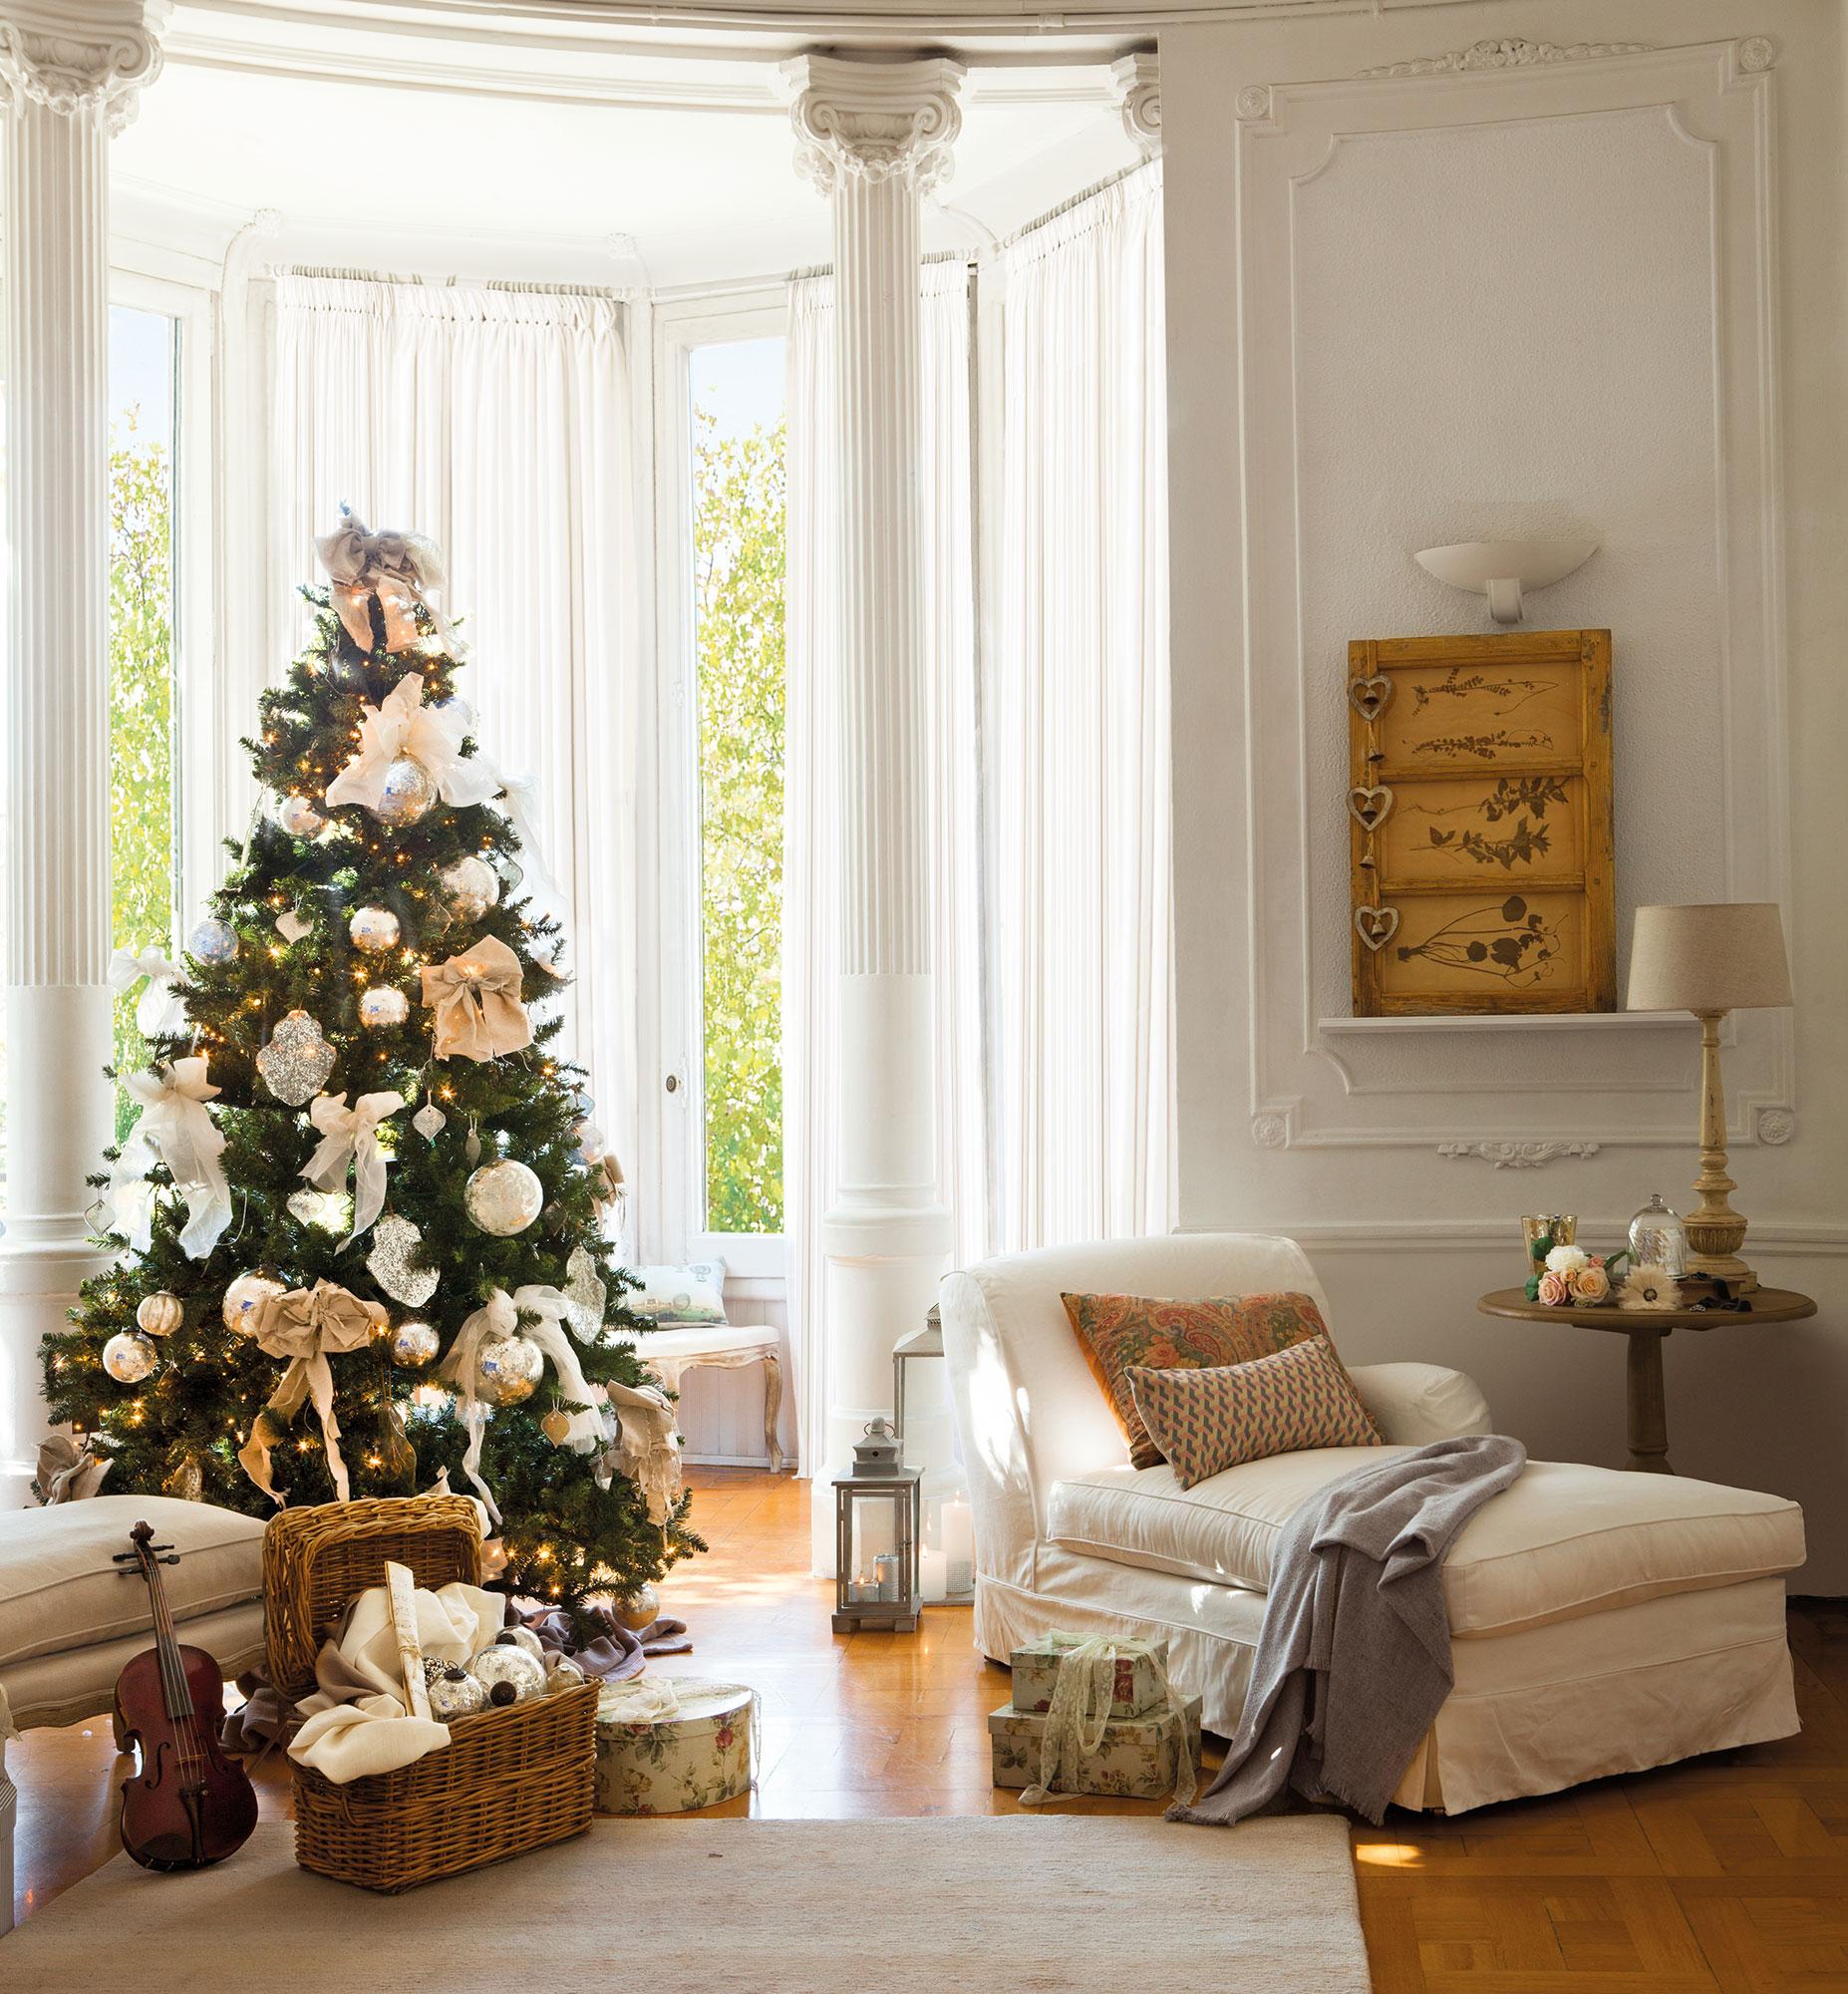 Navidad 15 ideas para decorar de fiesta tu casa - Ideas para decorar estrellas de navidad ...